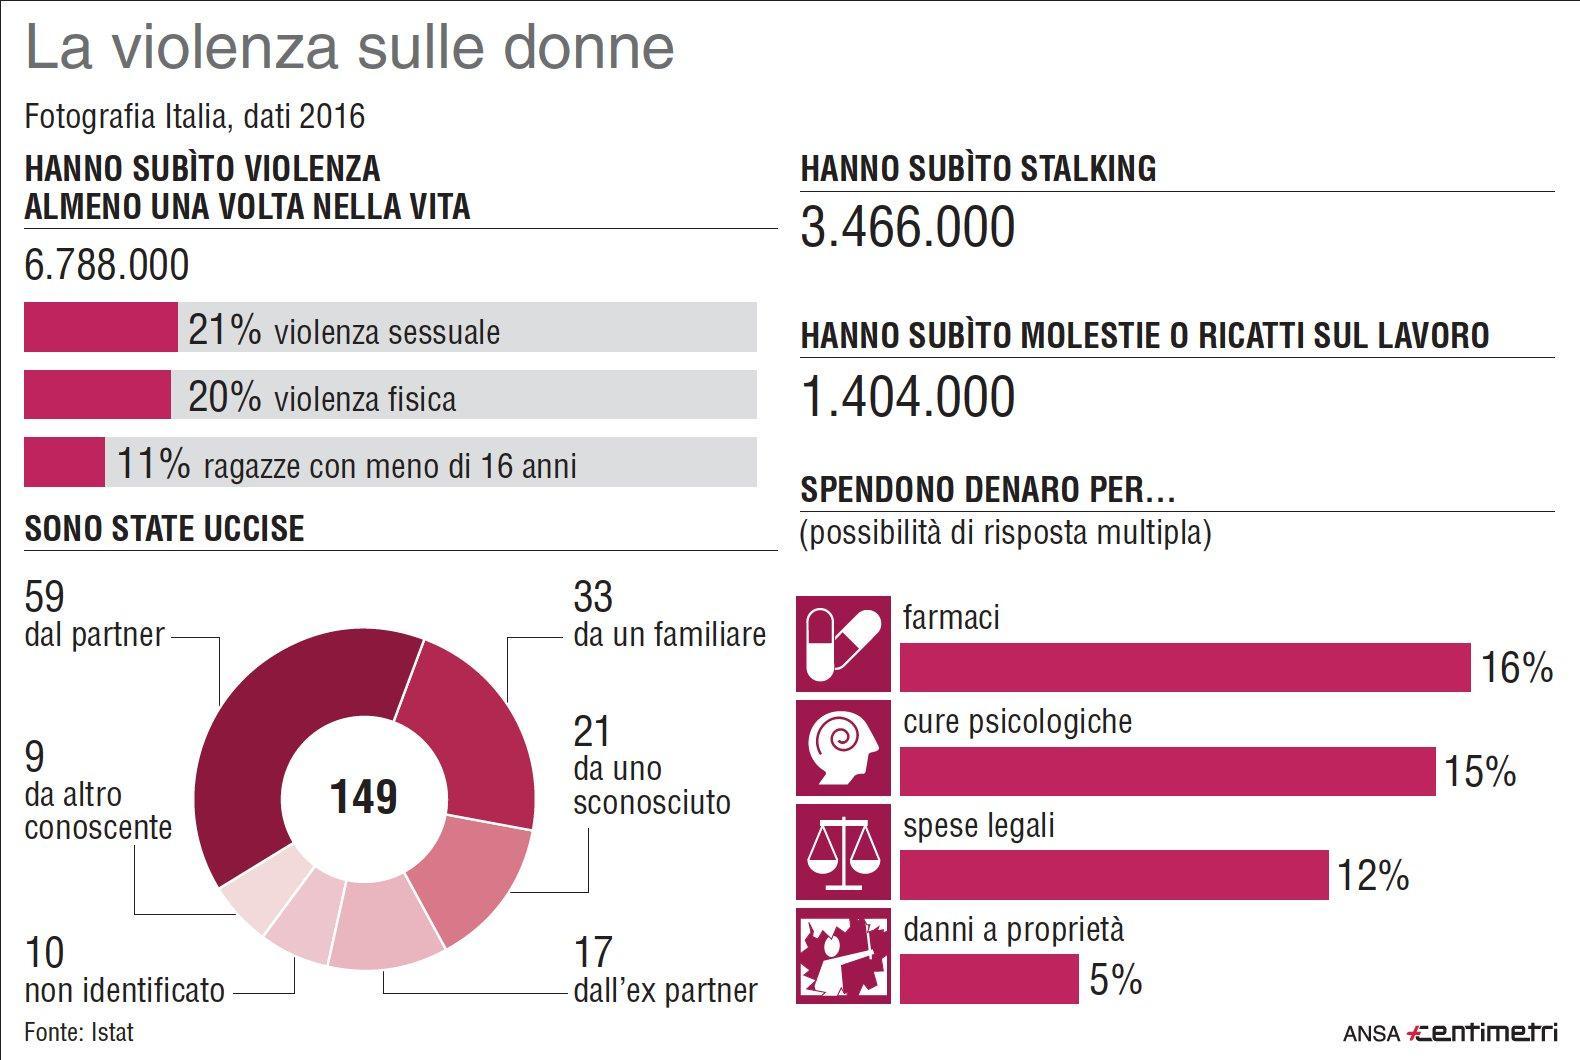 Violenza sulle donne: i dati Istat su femminicidi, stalking e molestie